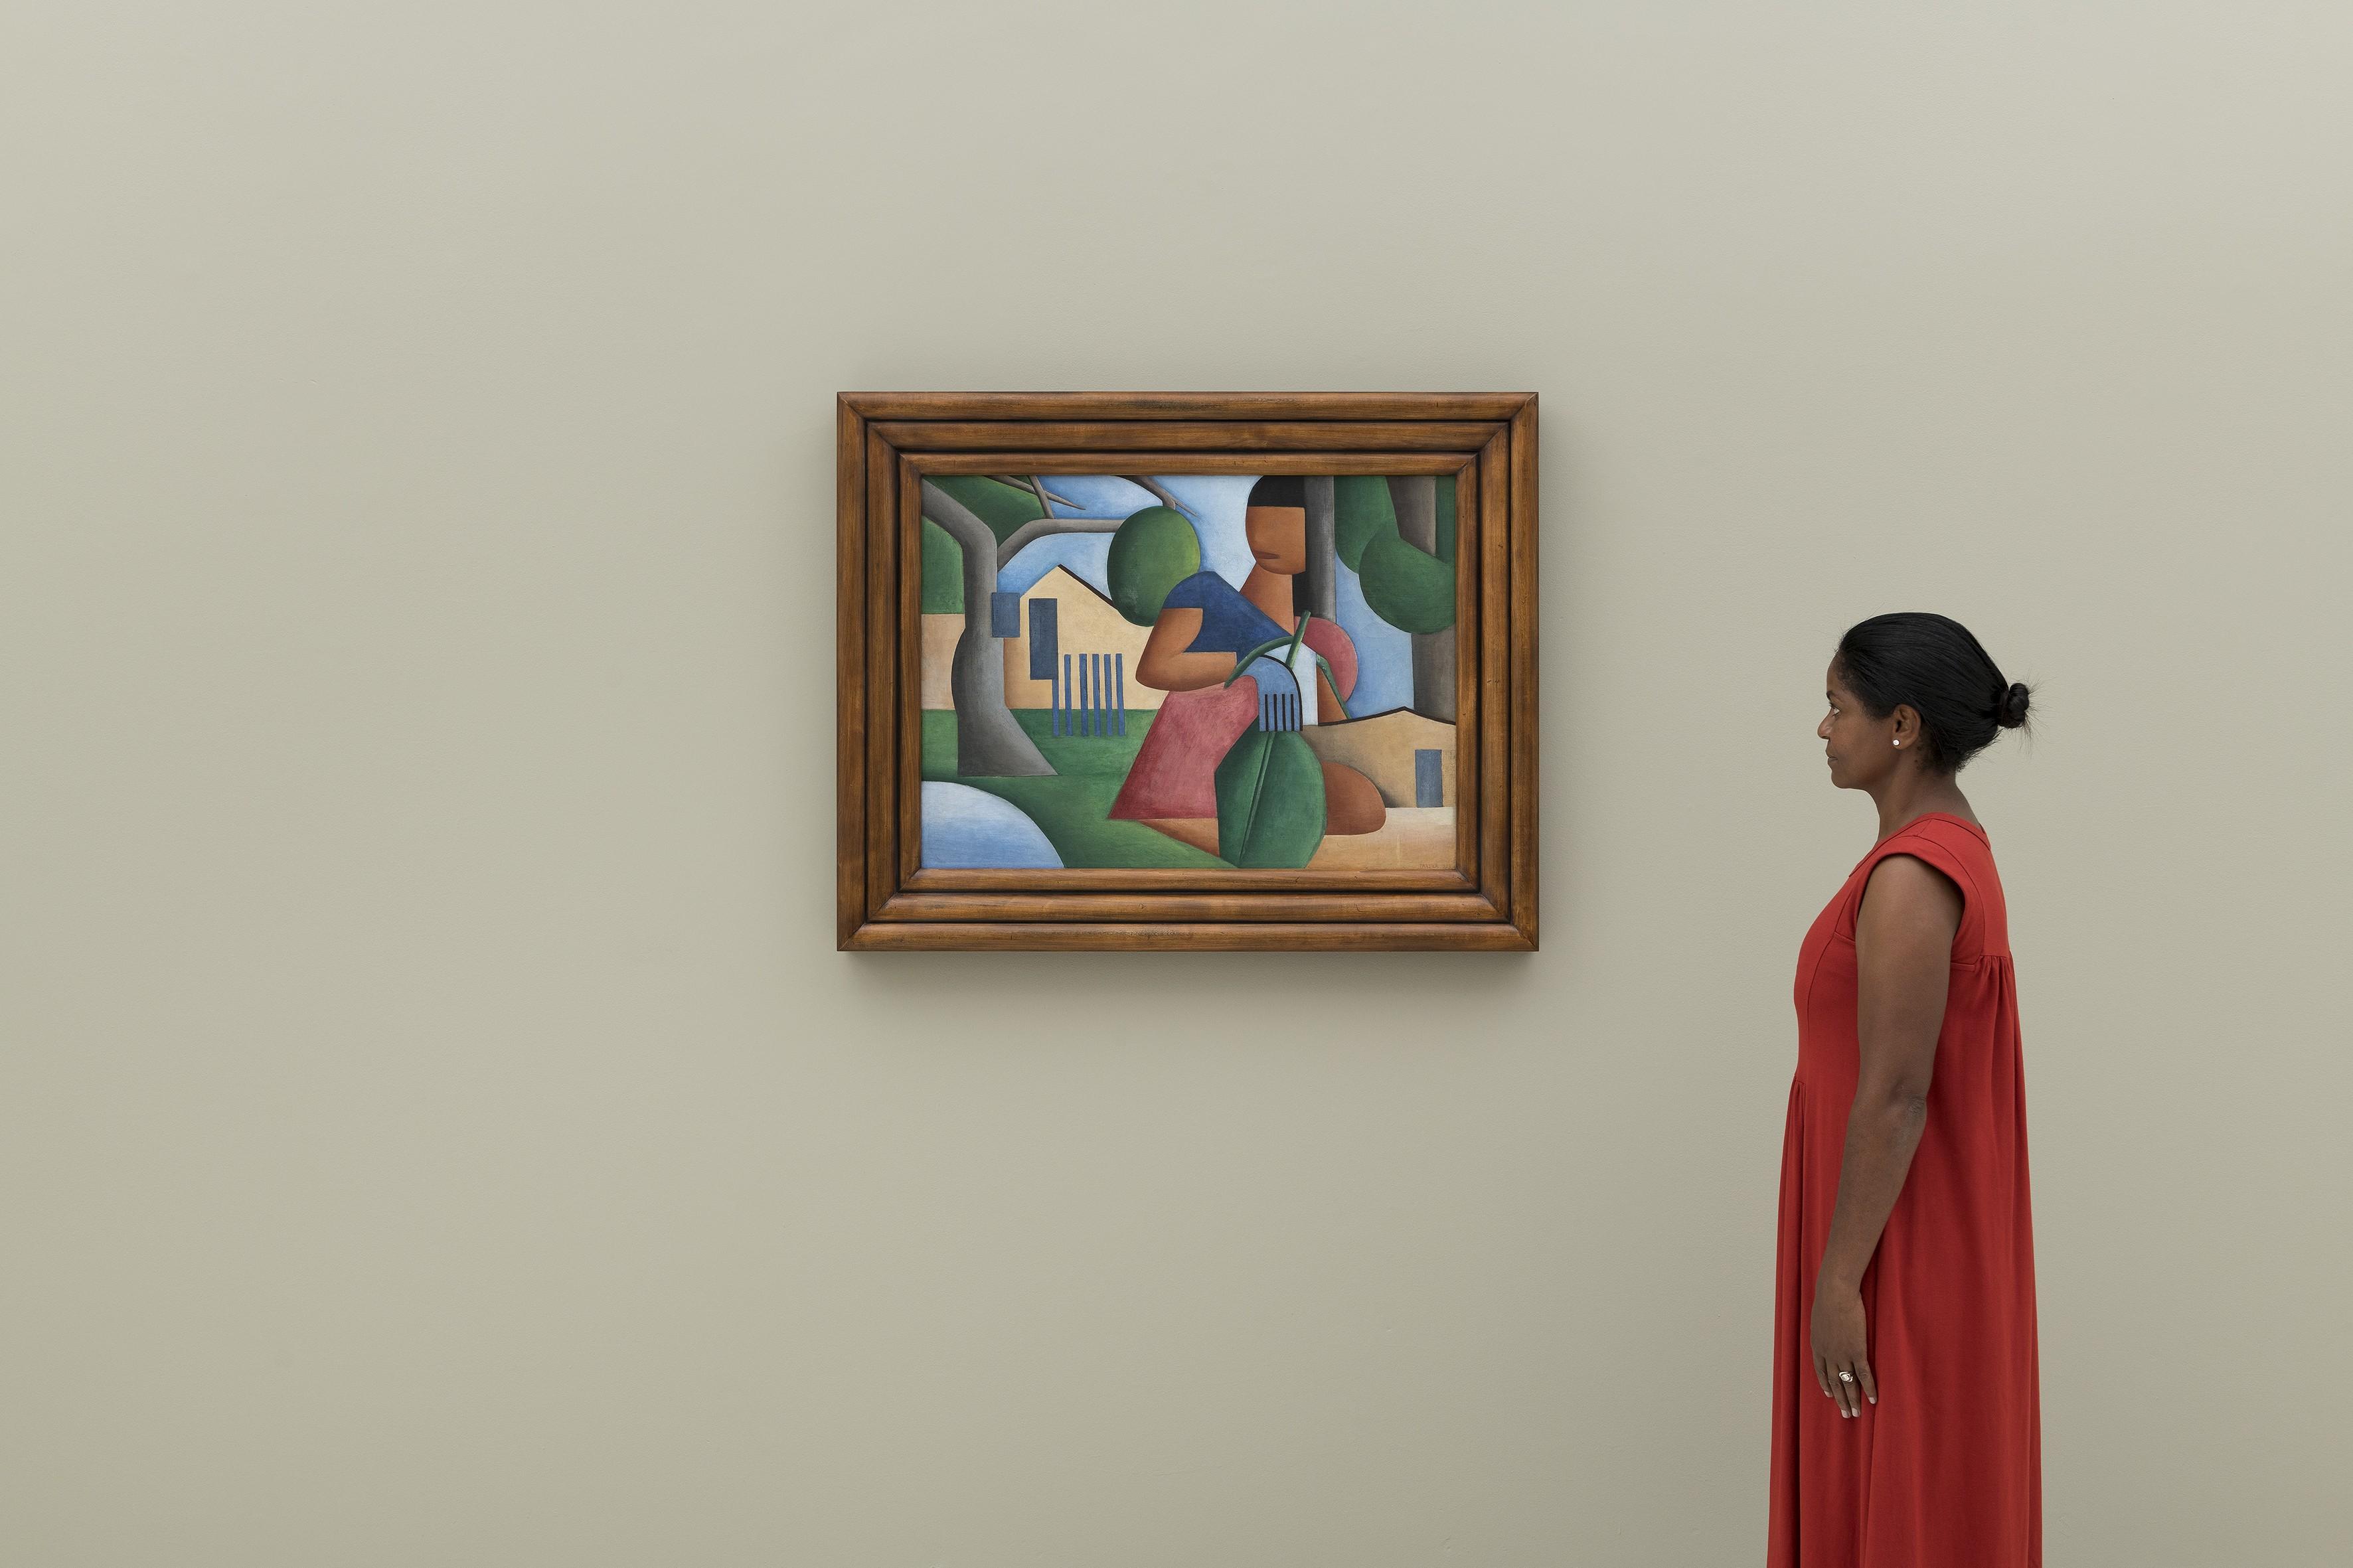 A Caipirinha também estará disponível para visitação no Bolsa Arte (Foto: Ding Musa/Divulgação)